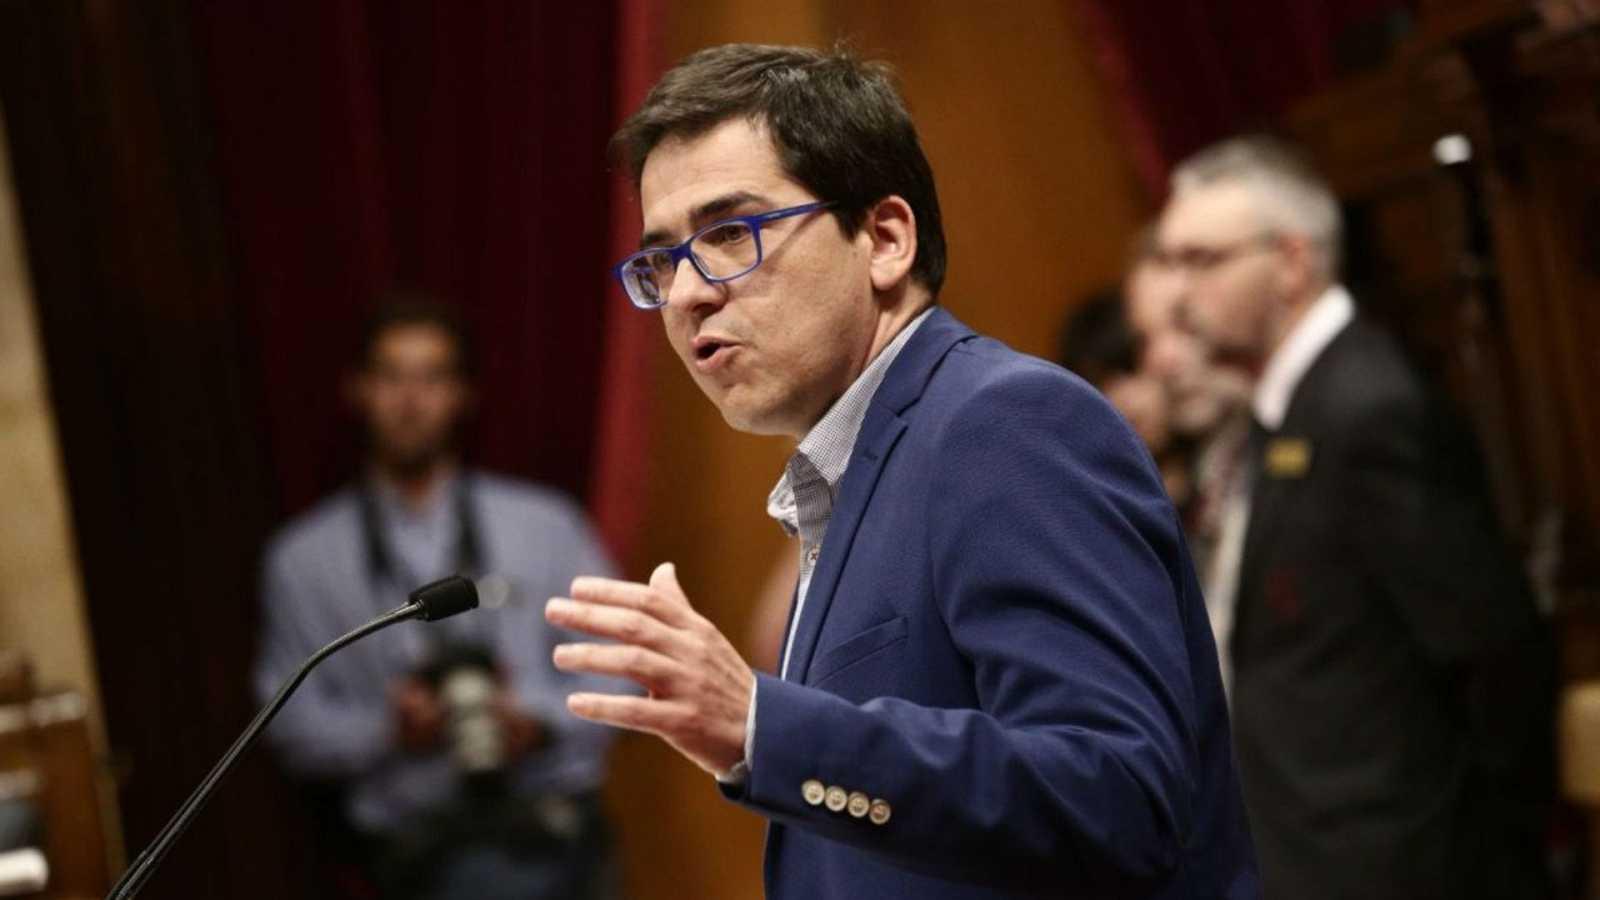 """Las mañanas de RNE con Íñigo Alfonso - Espejo-Saavedra (Cs): """"Sentarse a negociar no es una opción es una obligación"""" - Escuchar ahora"""